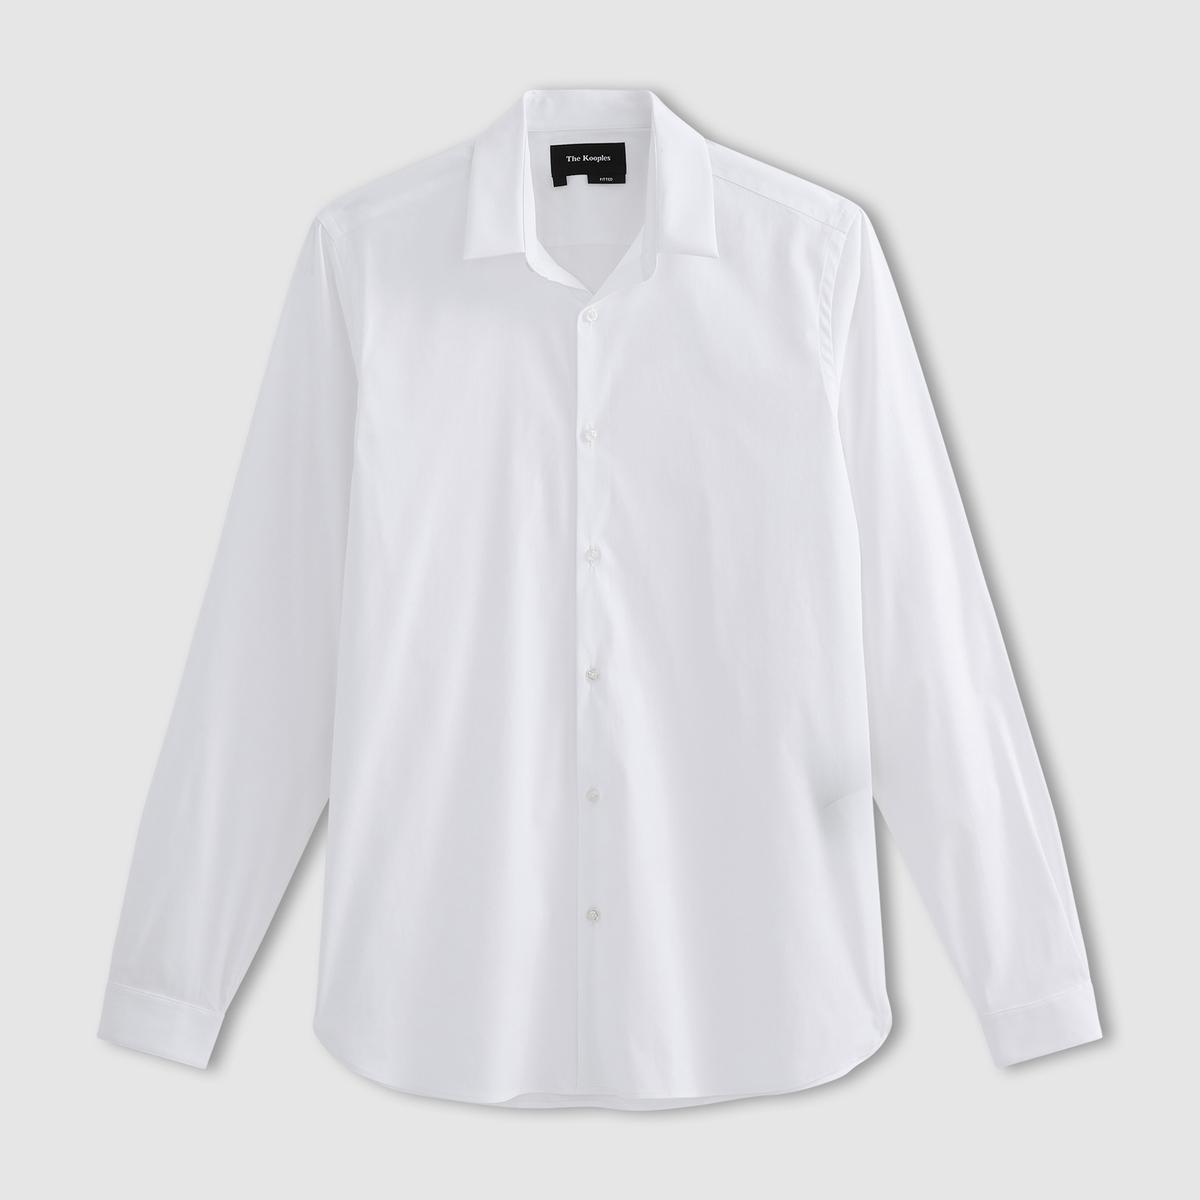 Рубашка из поплинаСостав и описание   Материал : 78% хлопка, 18% полиамида, 4% эластана    Марка : THE KOOPLES<br><br>Цвет: белый,синий